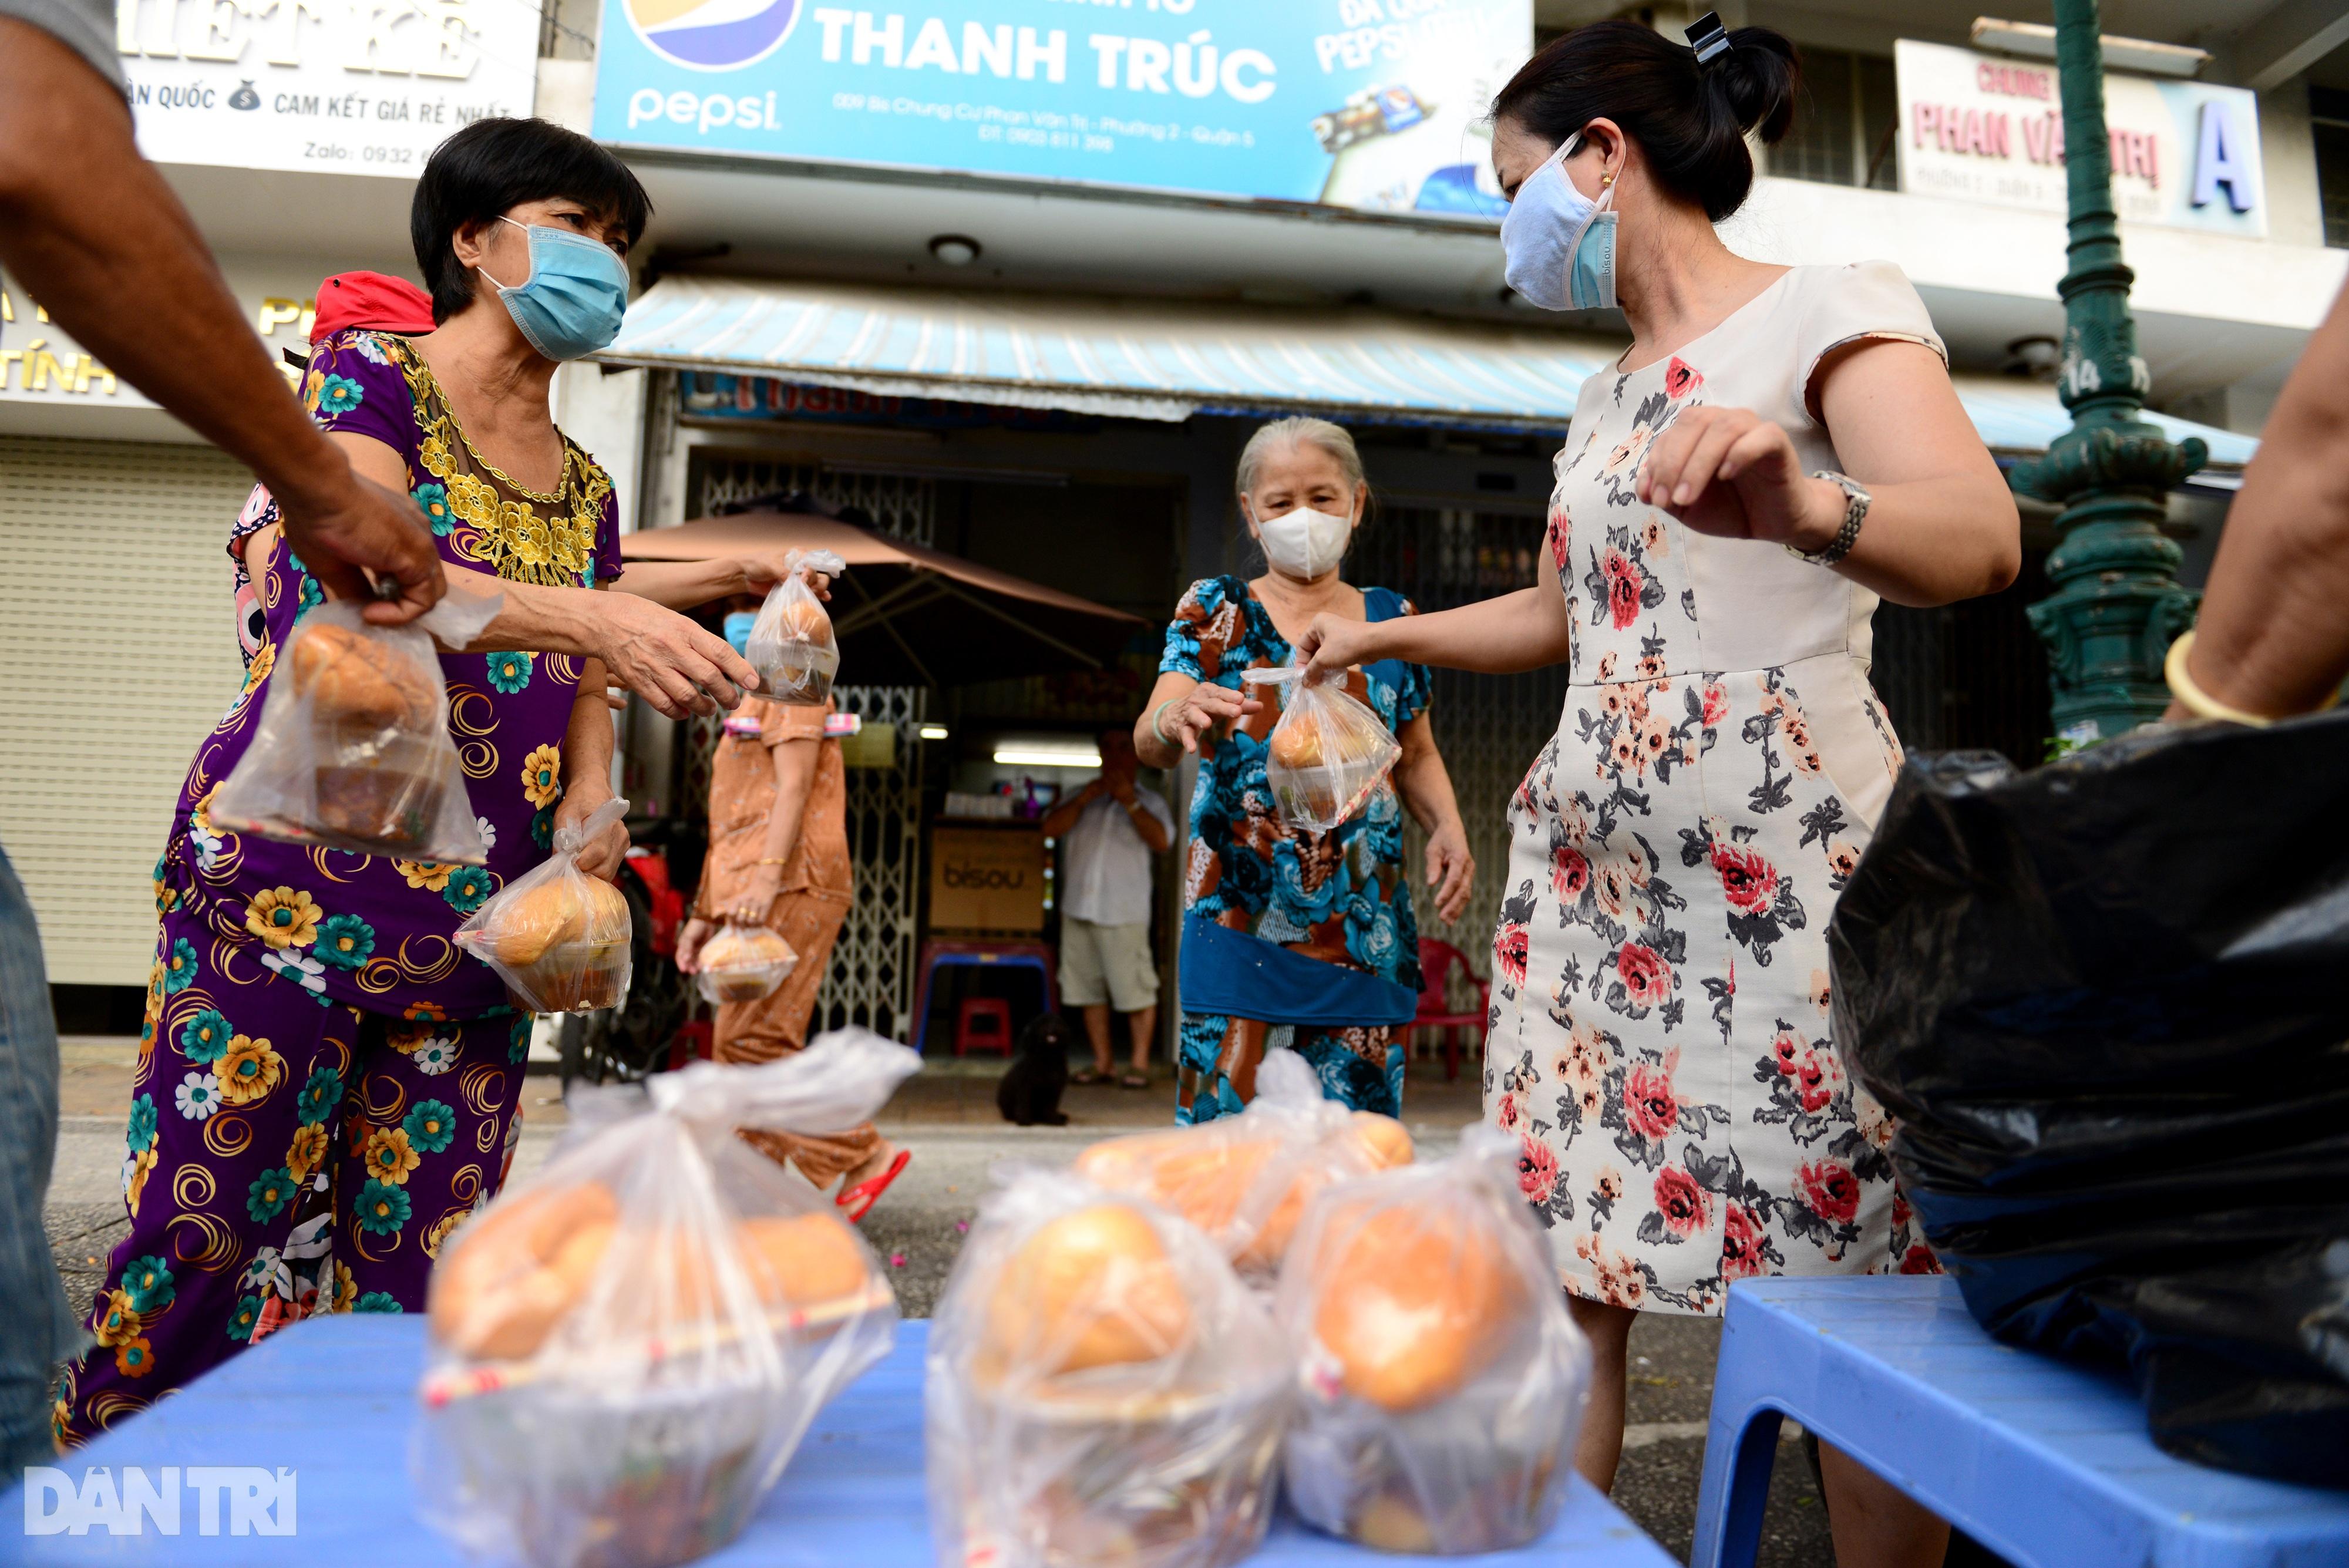 Mạnh thường quân nấu 2.000 suất ăn tiếp tế khu cách ly, người nghèo ở TPHCM - 10